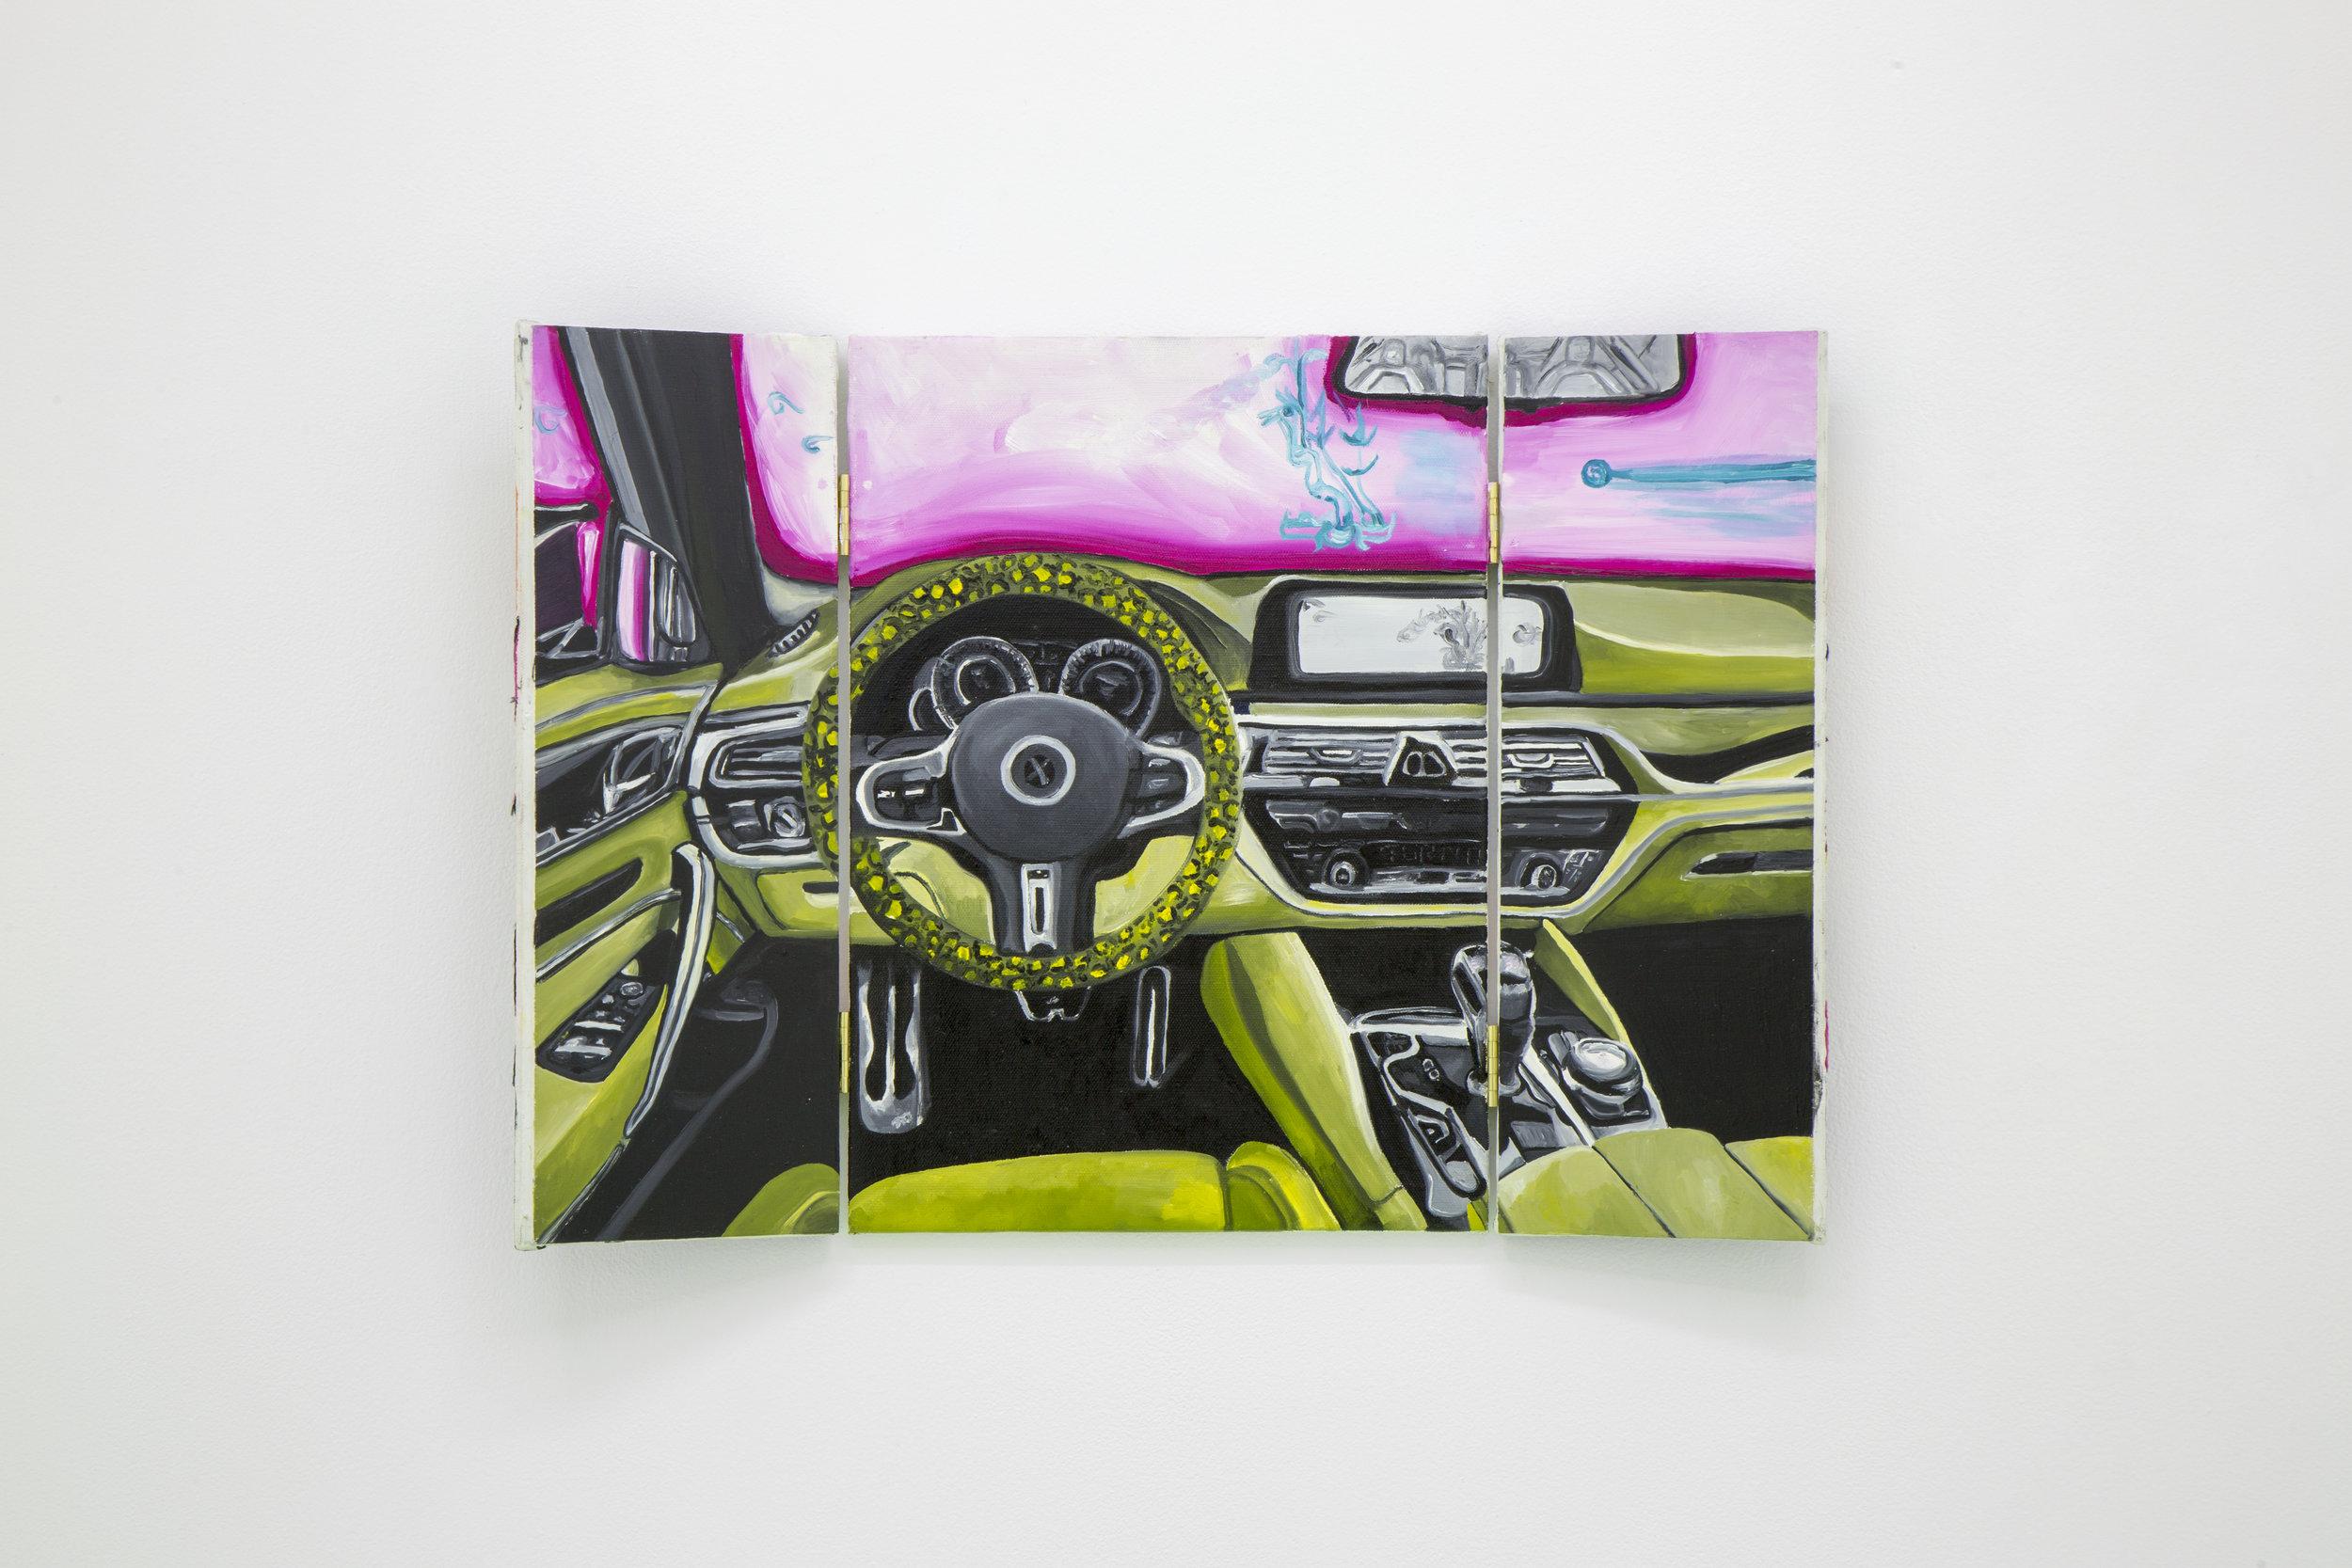 Frieda Toranzo Jaeger,  Retrato de lo inocente , 2018. Oil on canvas and embroidered thread, 61.5 x 42.3 cm; 25.39 x 16.54 inches.